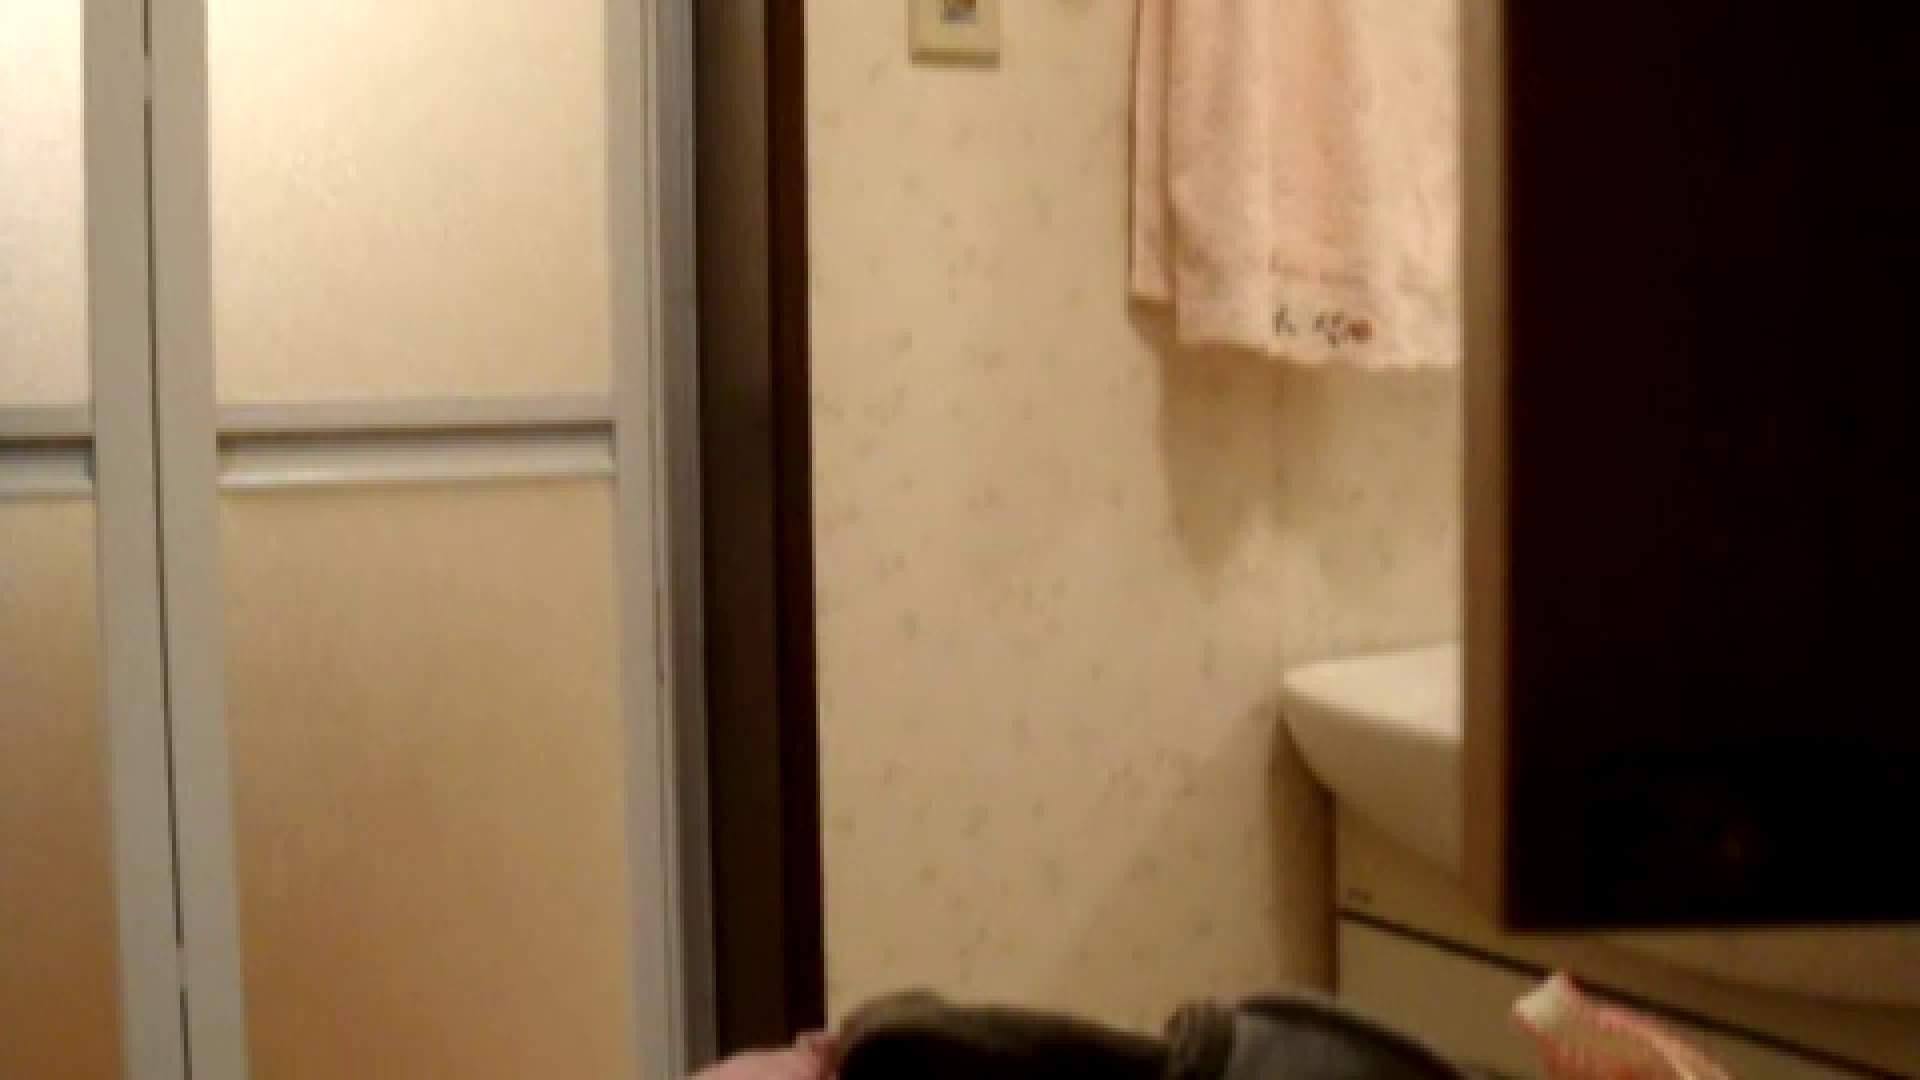 二人とも育てた甲斐がありました… vol.08 まどかの入浴中にカメラに気付いたか!? 綺麗なOLたち | 入浴  90枚 83